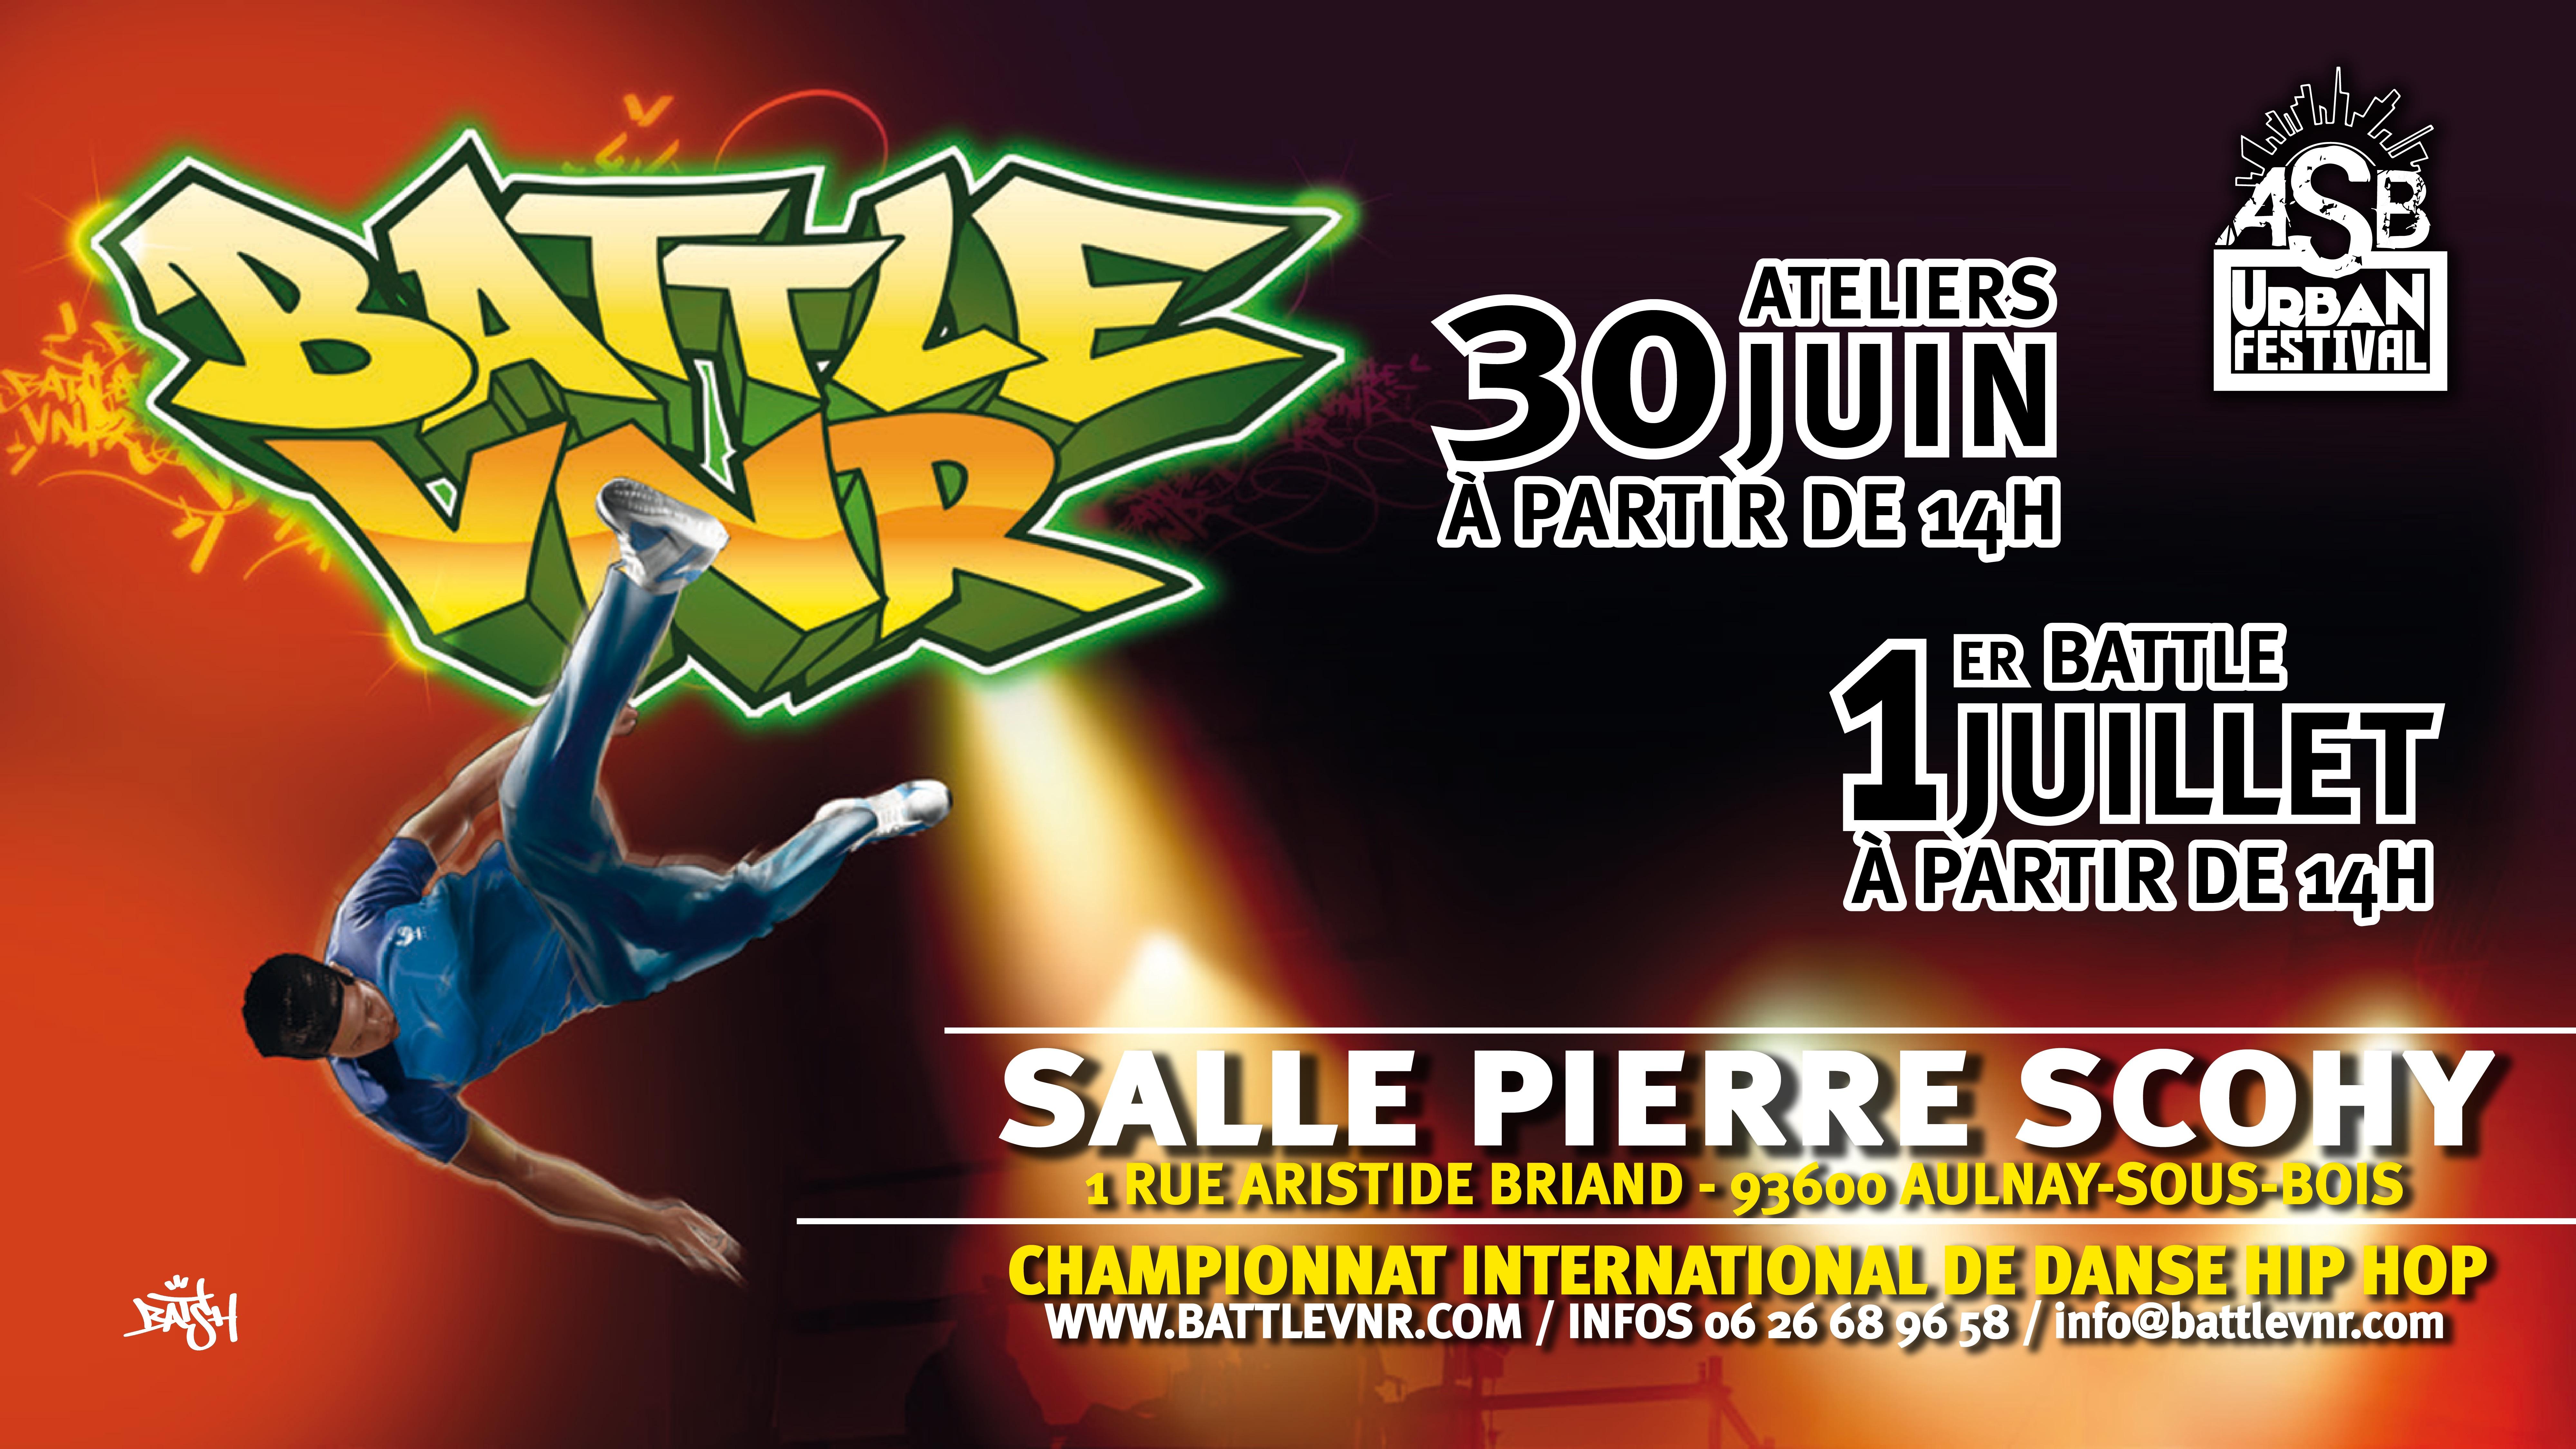 Un festival urbain à Aulnay-sous-Bois ce week-end